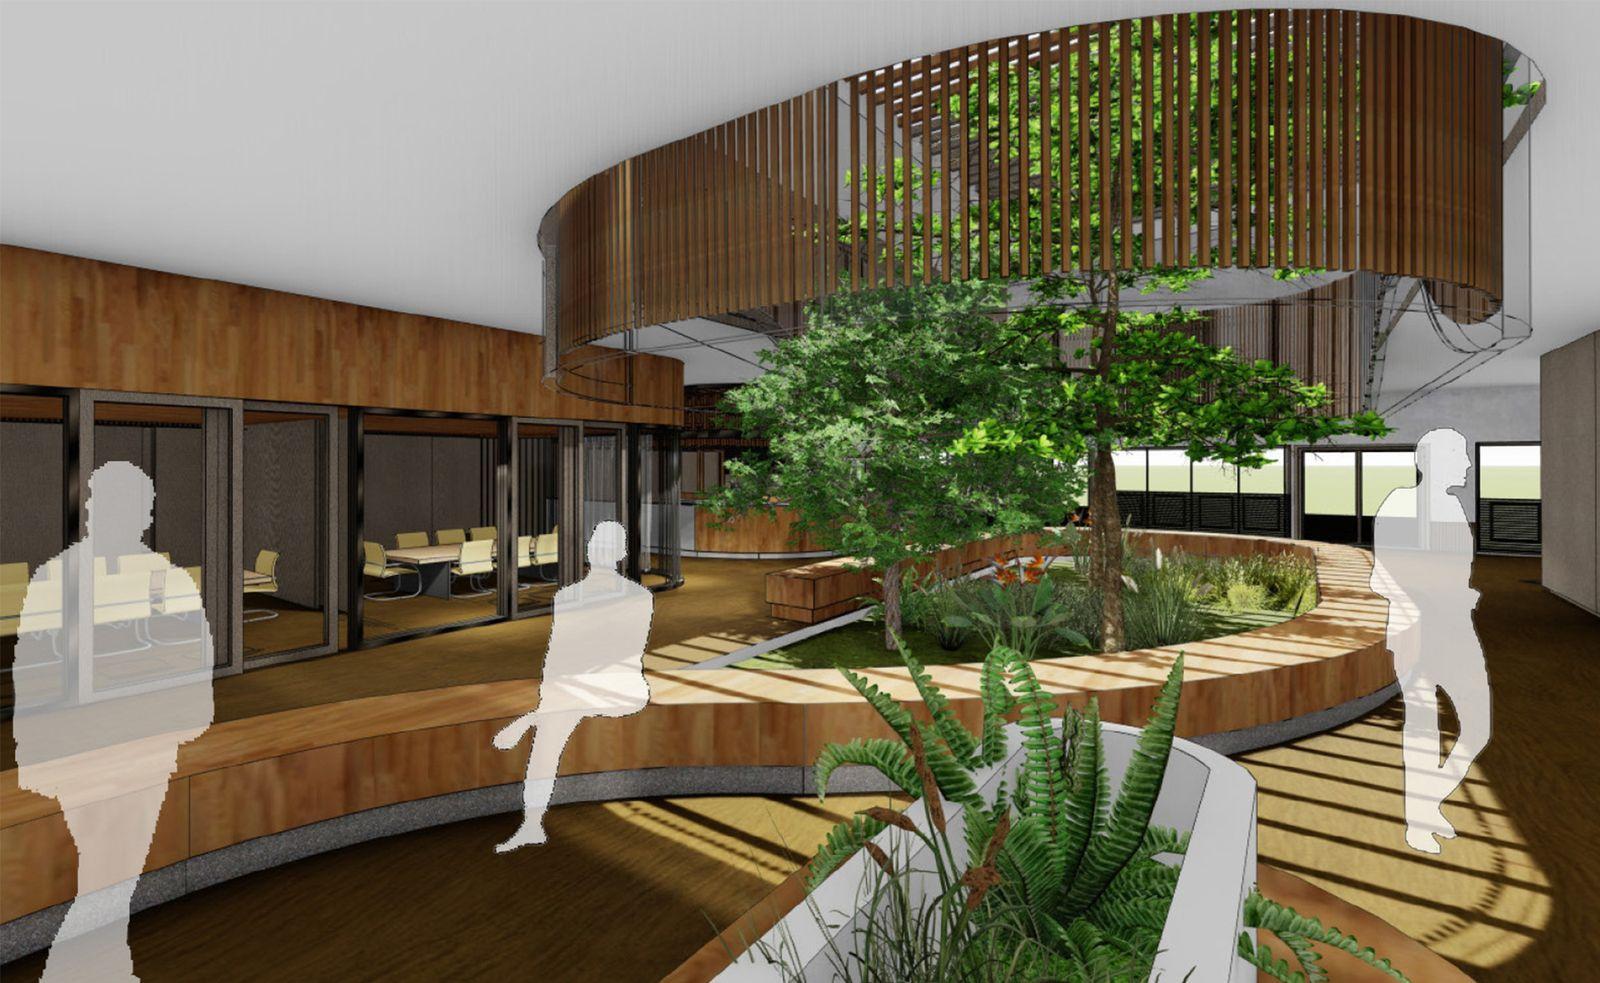 Interior perspective - Atrium area